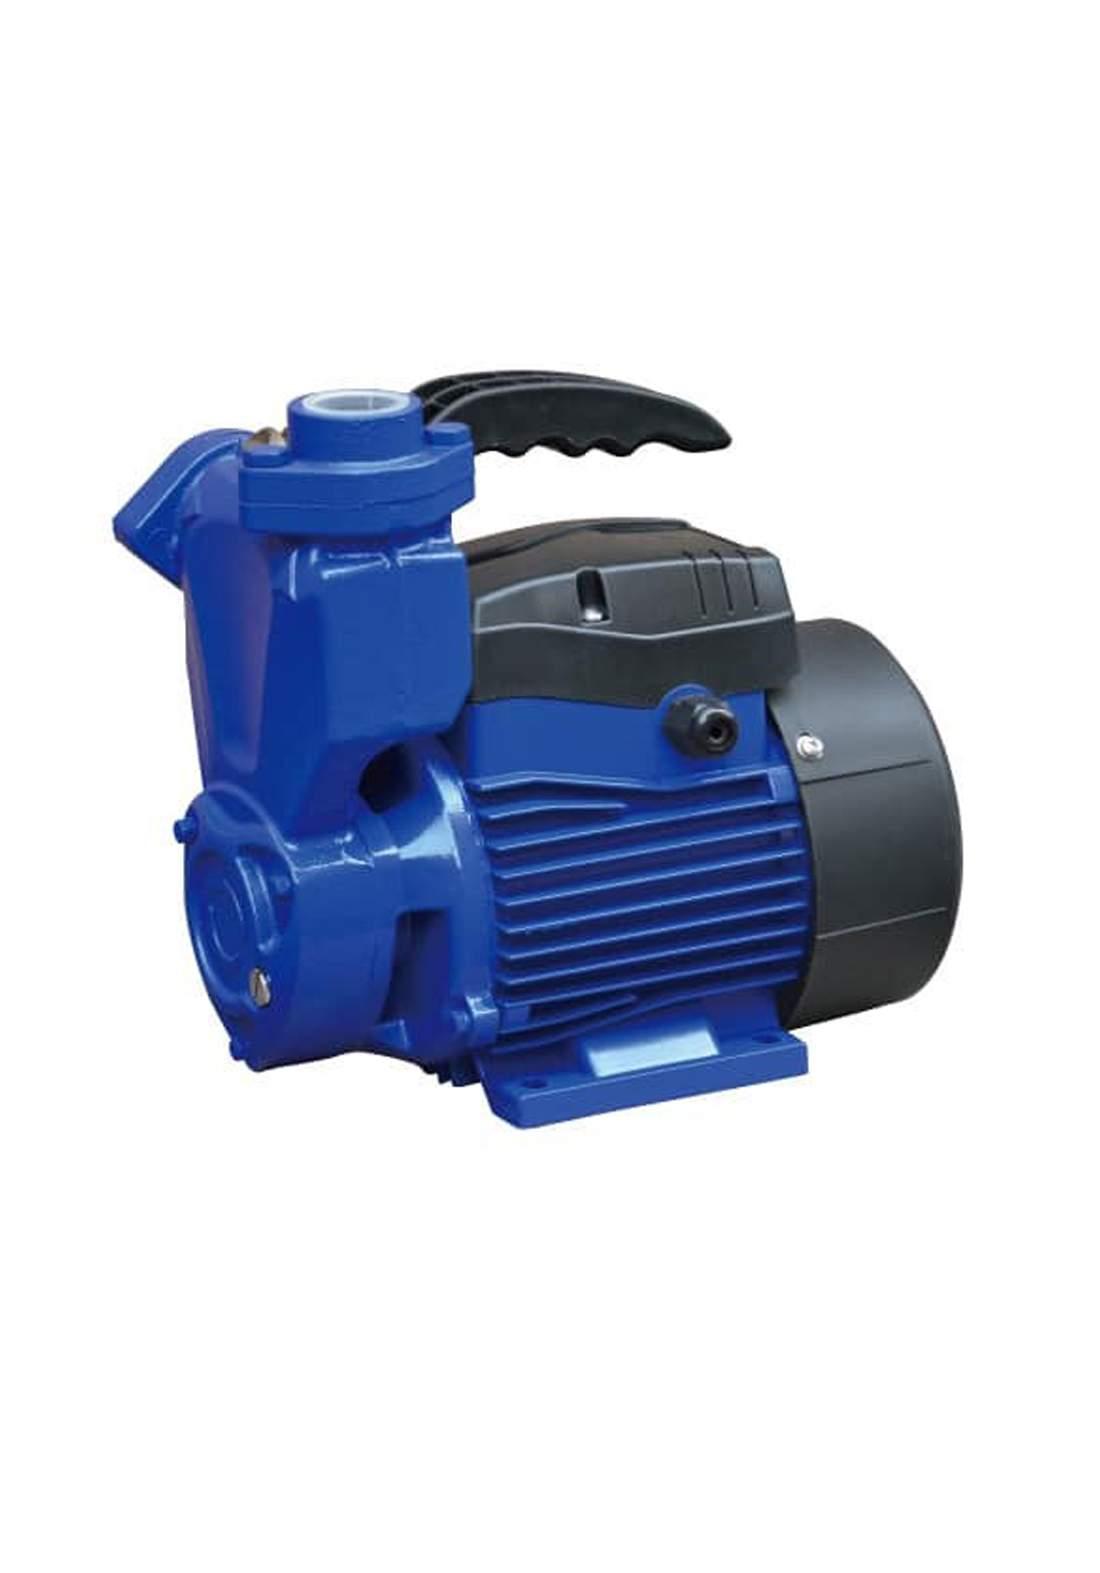 Sali 1WZB-65 Domestic Water Pump 3707 W 1.0HP ماطور مياه